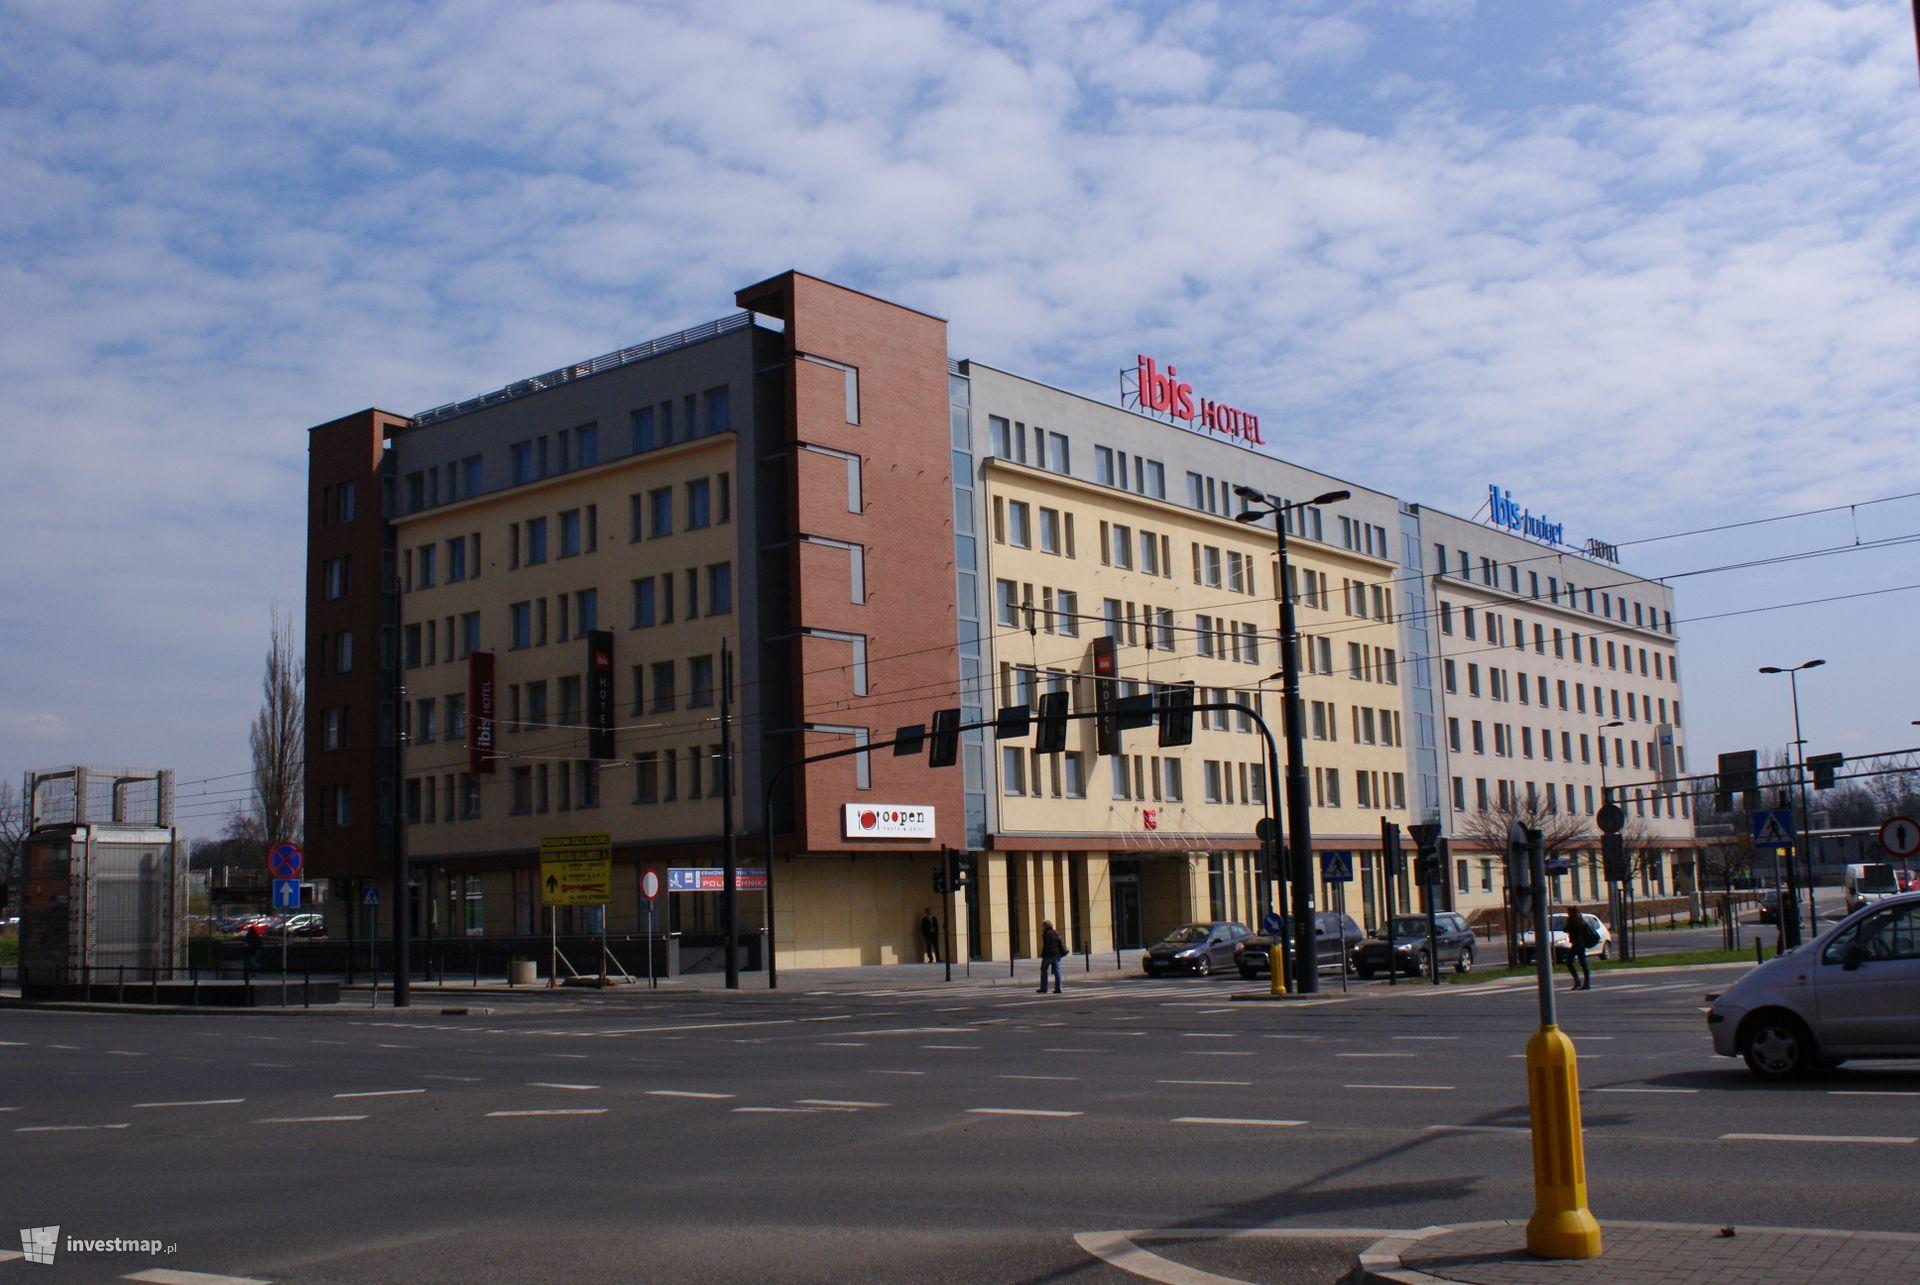 Hotele Ibis, ul. Pawia